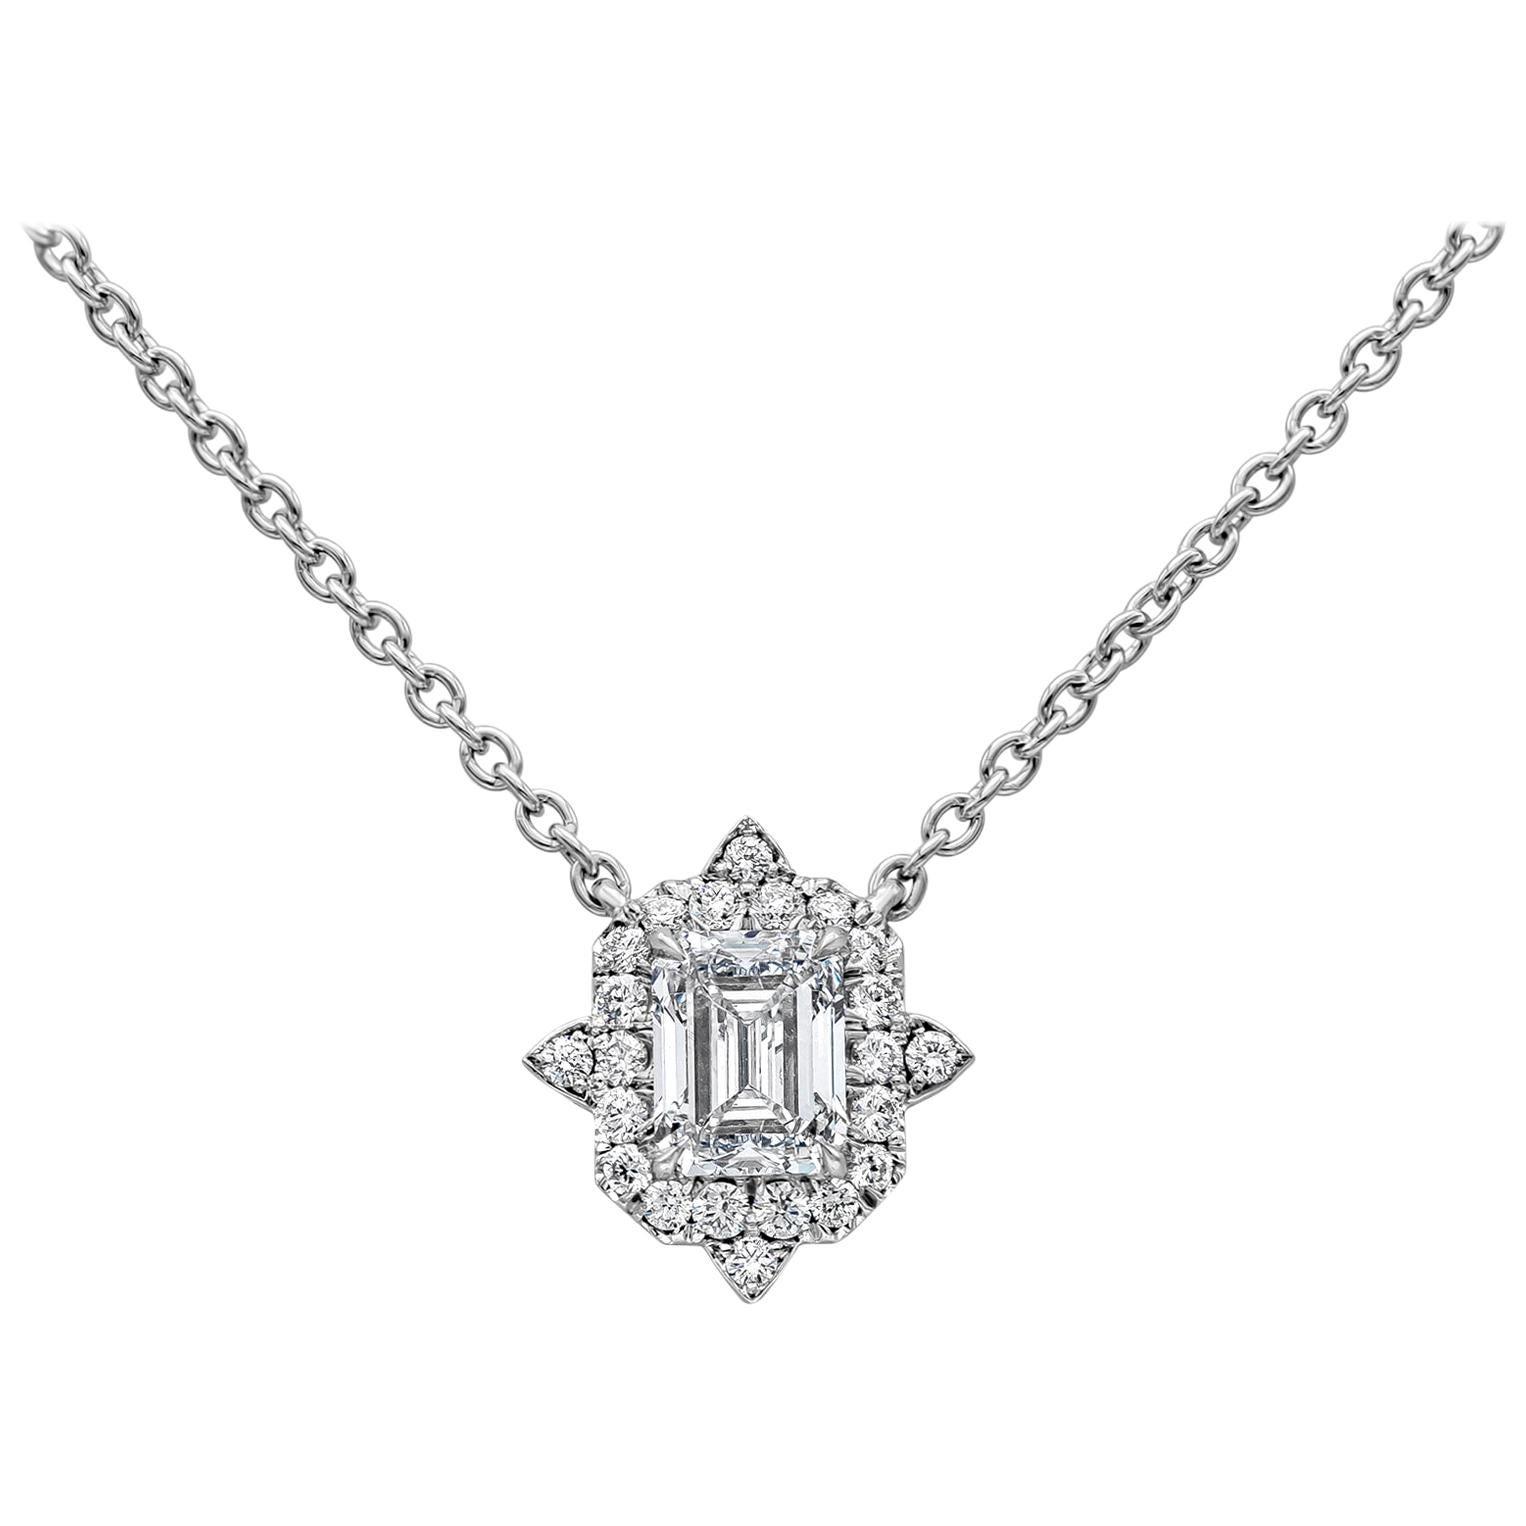 GIA Certified Emerald Cut Diamond Halo Pendant Necklace